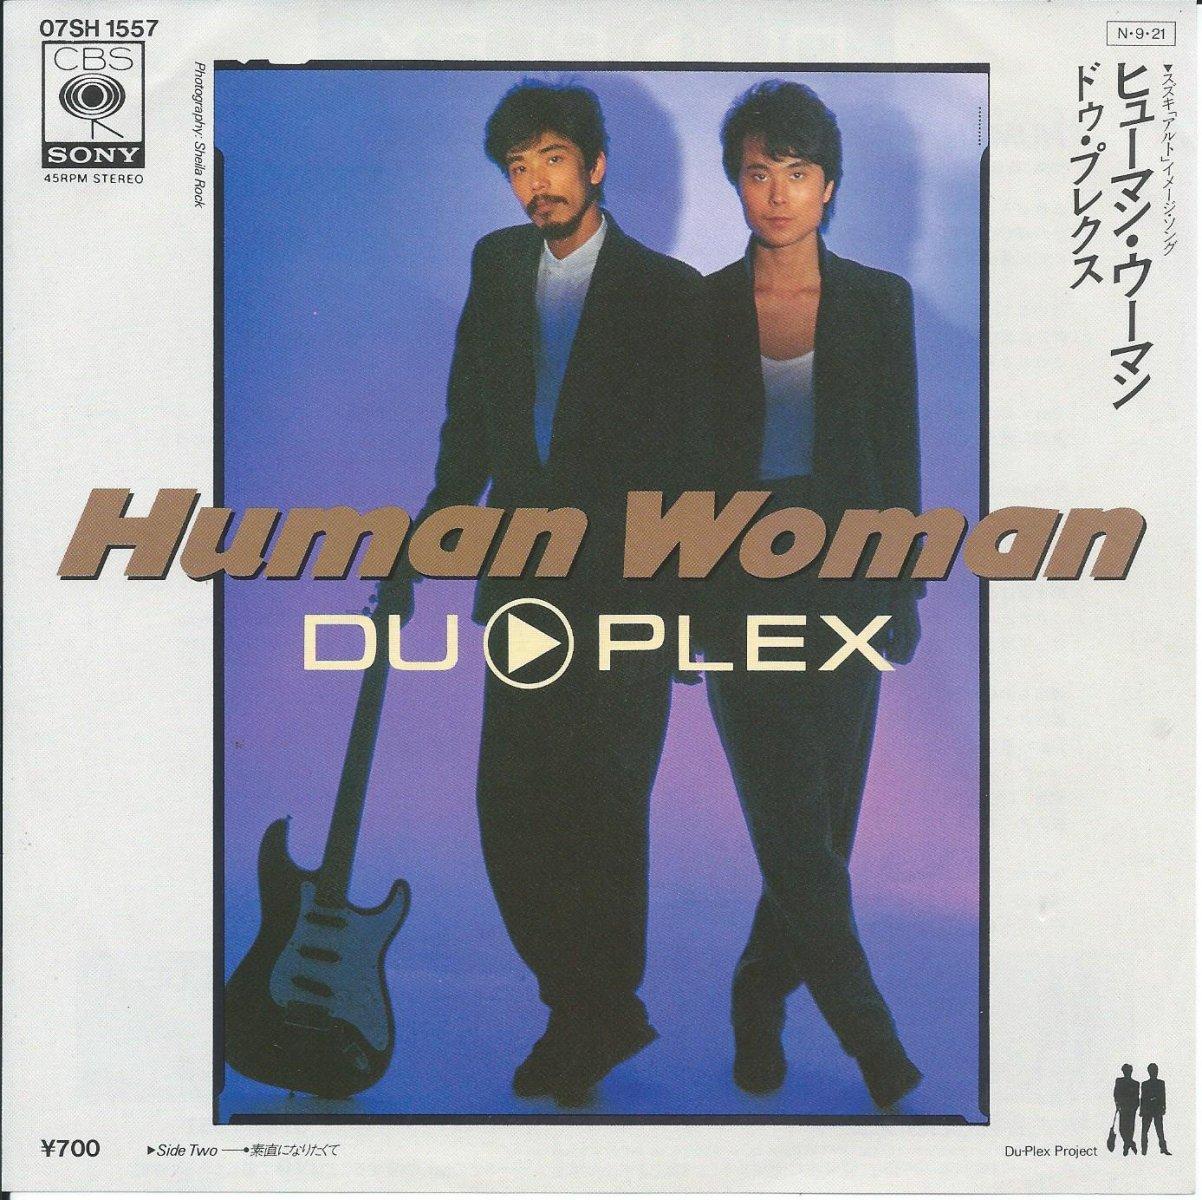 ドゥ・プレクス DU PLEX (土屋昌巳) / HUMAN WOMAN ヒューマン・ウーマン (7